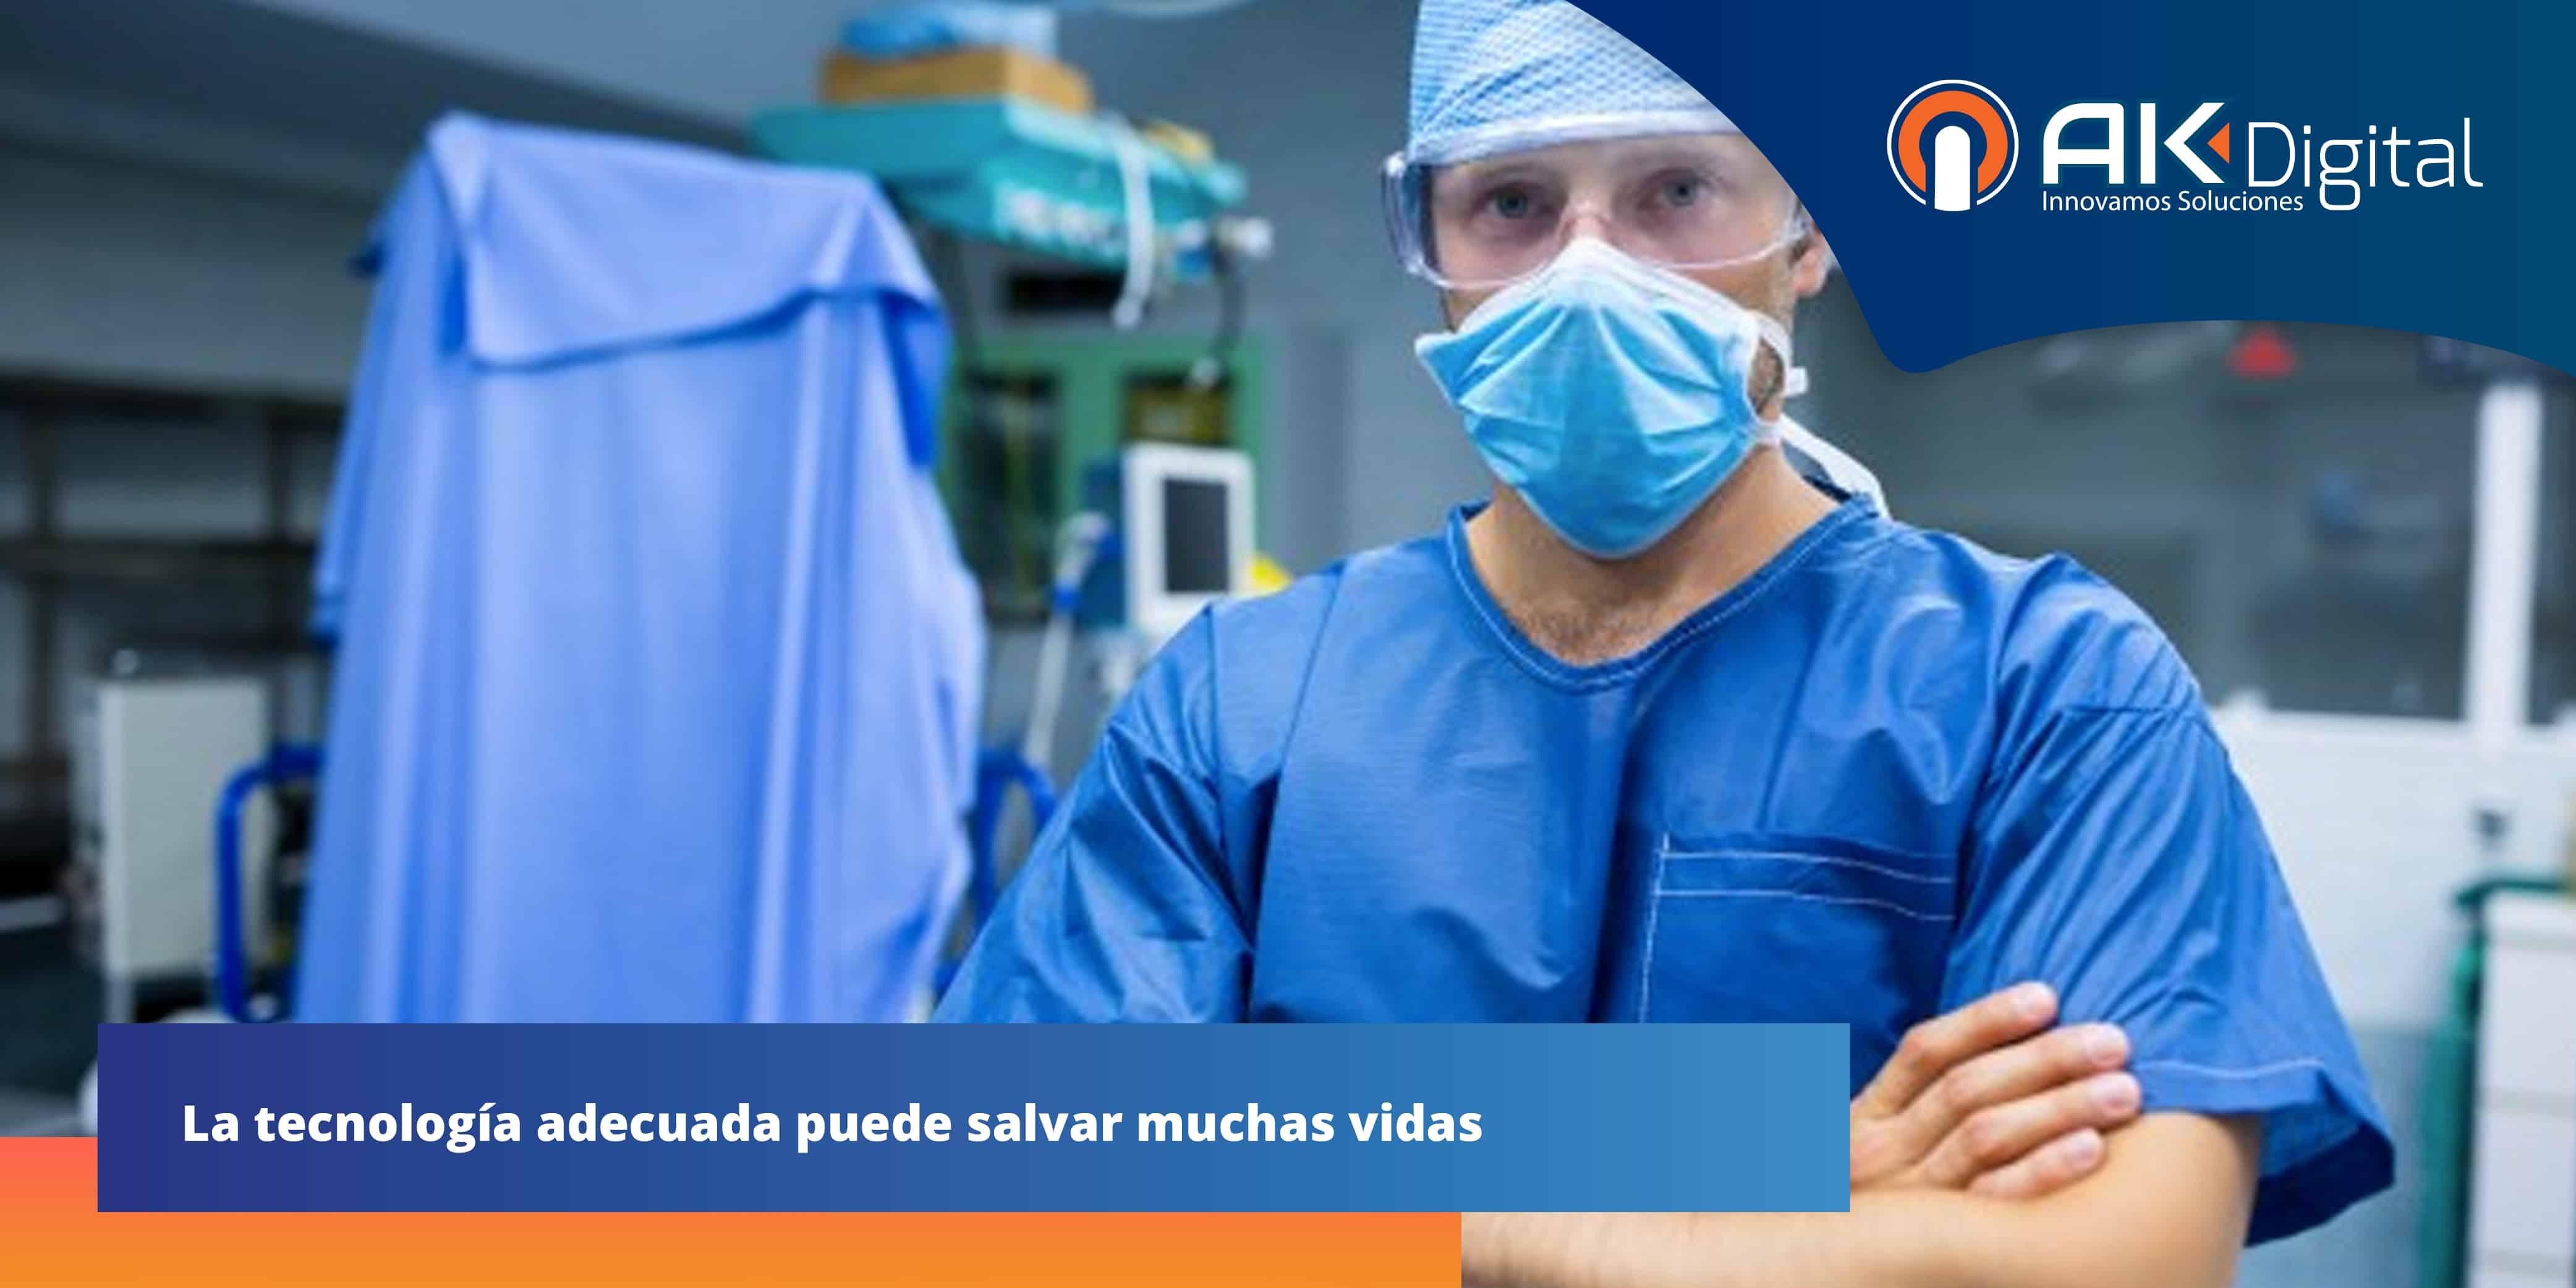 Así se vive la transformación digital de hospitales en tiempos de pandemia